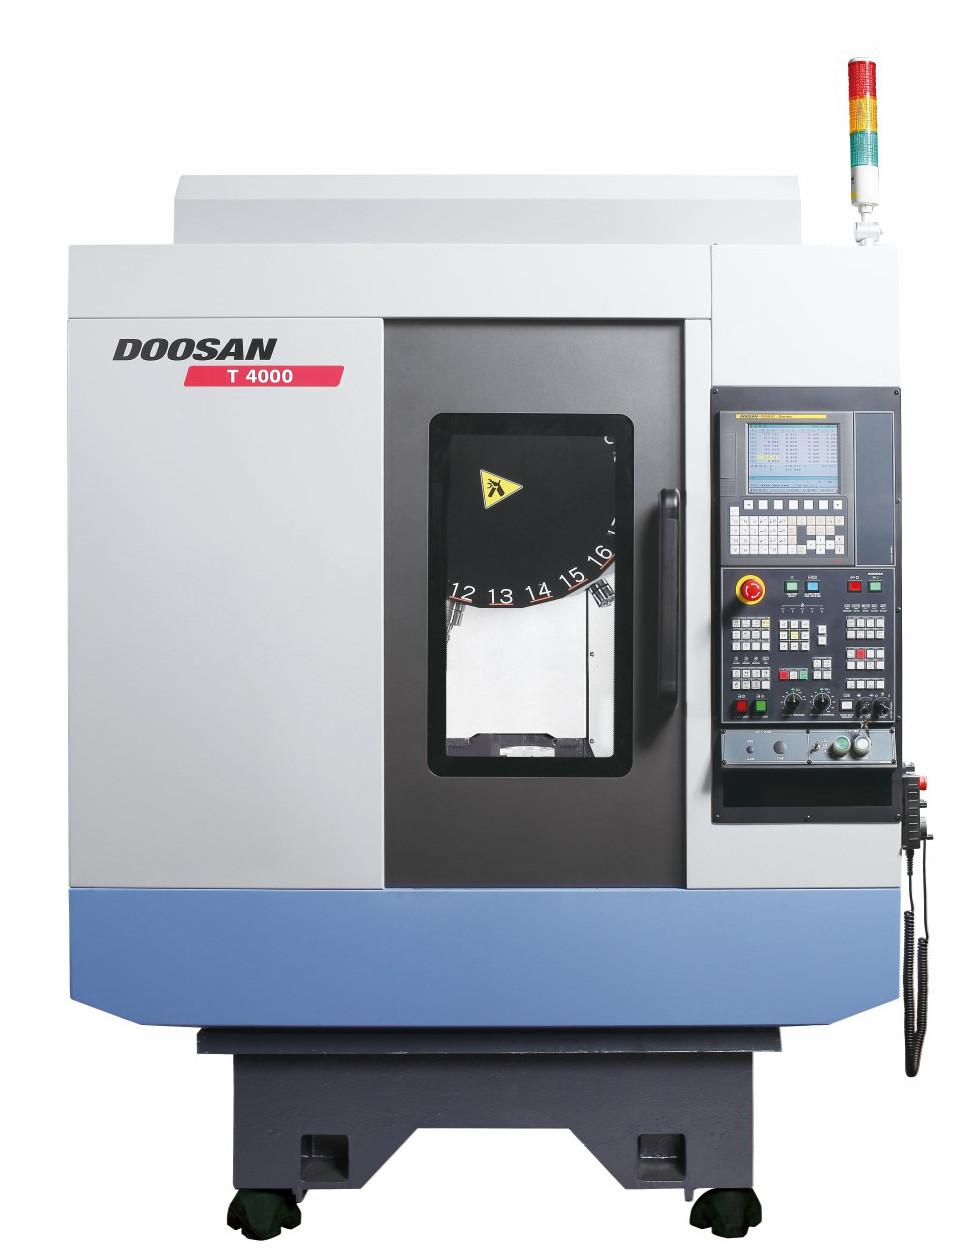 Doosan T 4000, 4000L